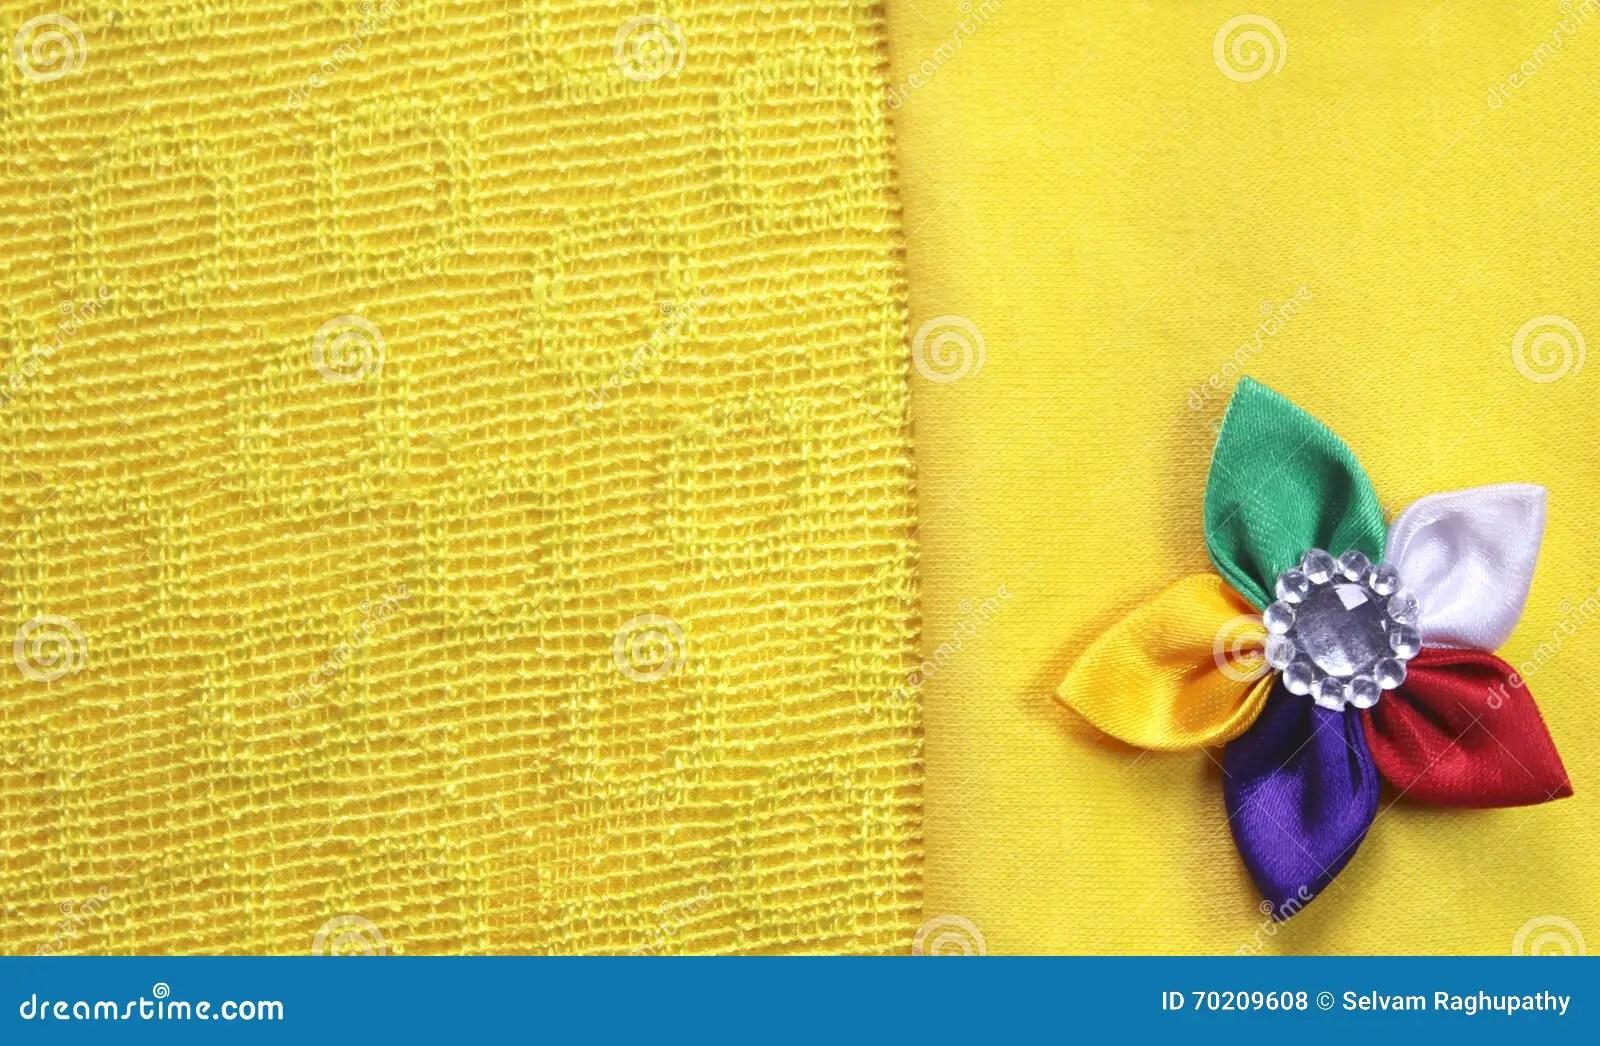 Gelber Stoff Stunning Ein Gelber Stoff Mit With Gelber Stoff Stunning Syunss Gelben Bren Raute